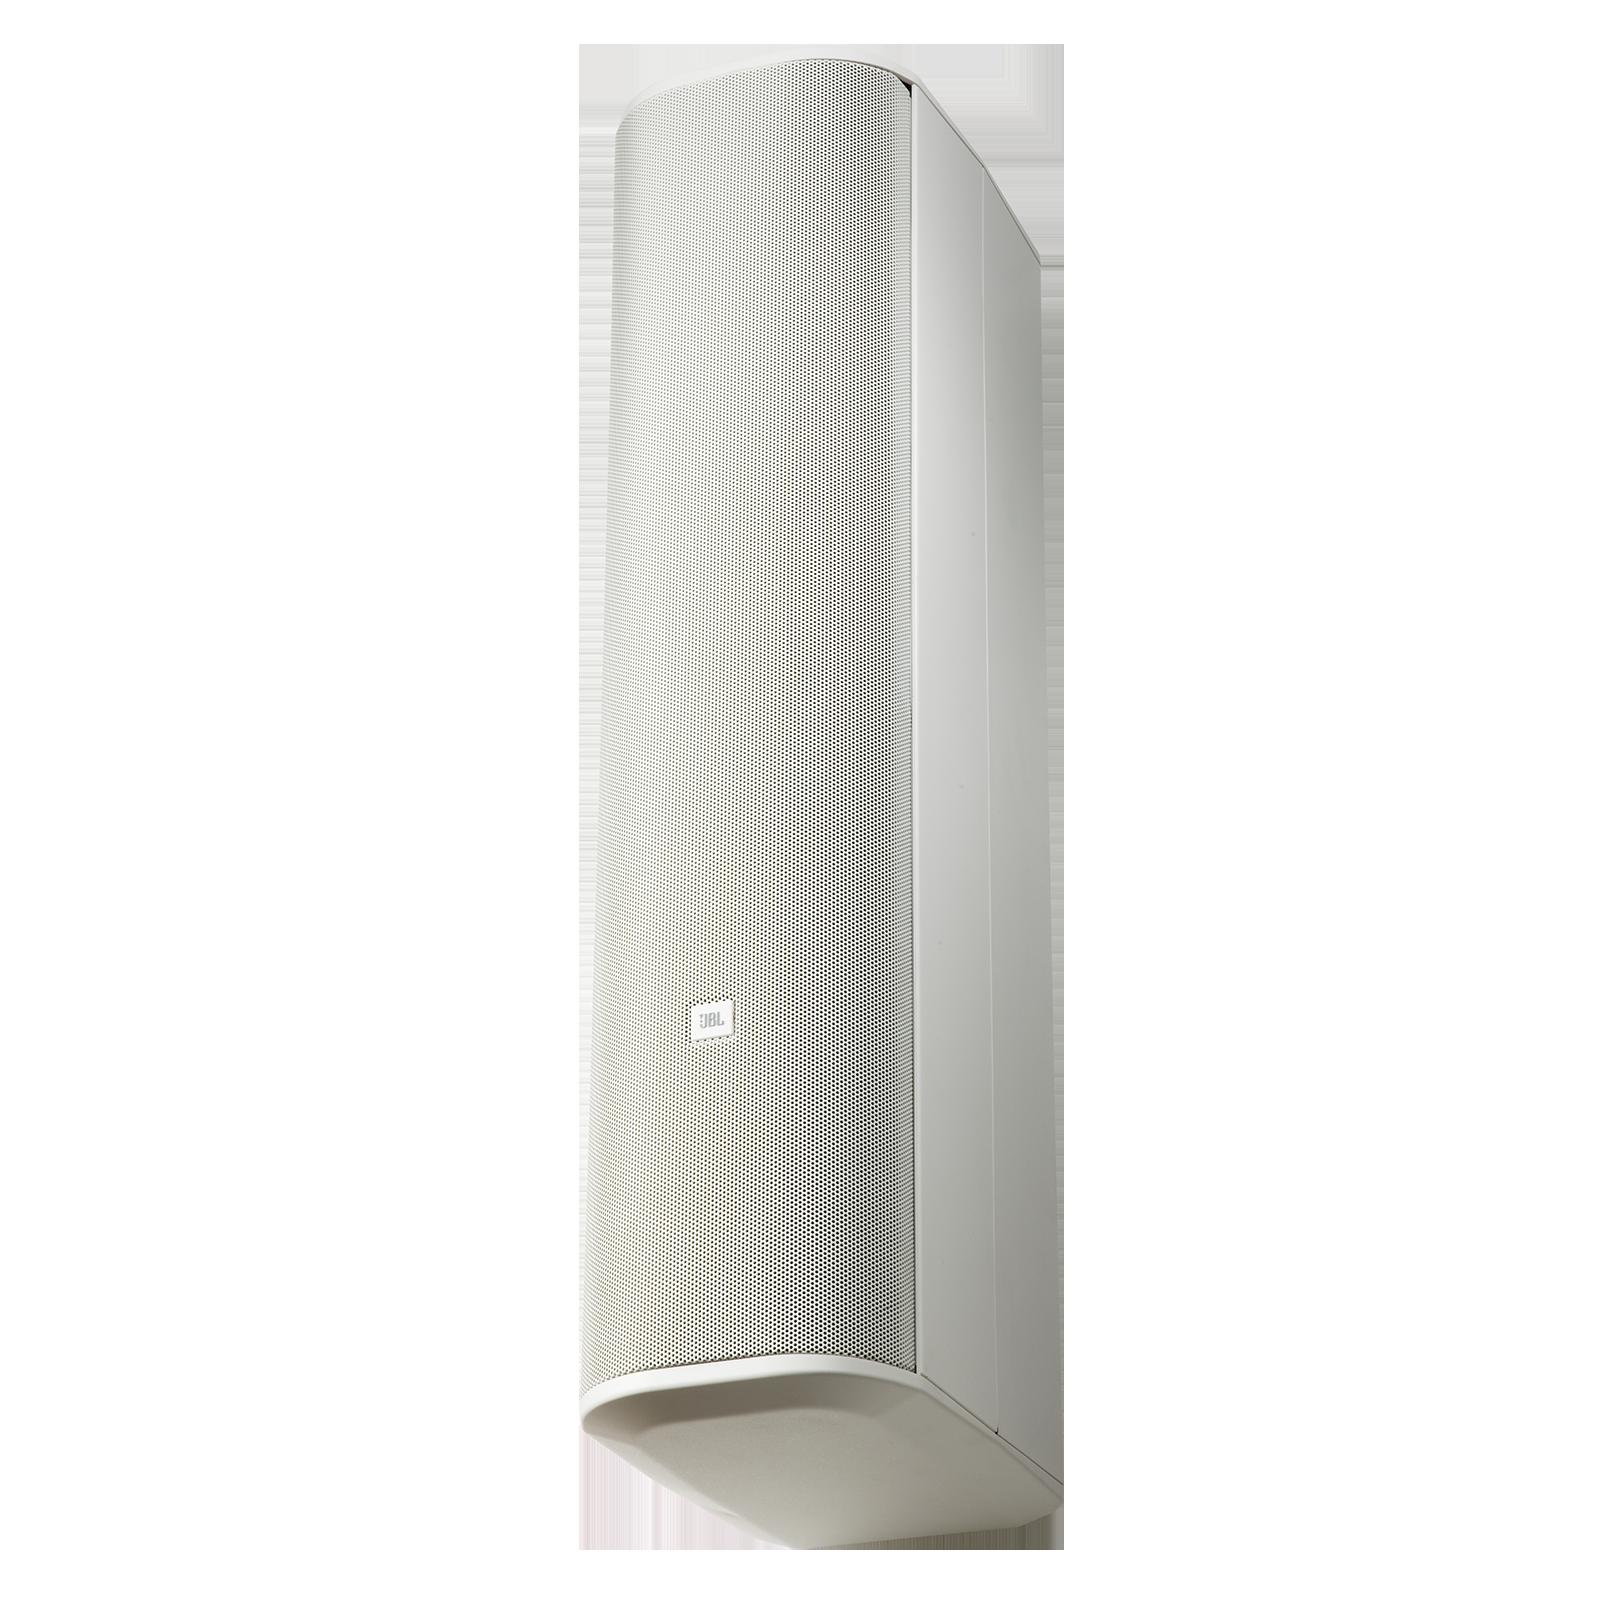 JBL CBT 70JE-1 - Black - Extension for CBT 70J-1 Line Array Column Speaker - Hero